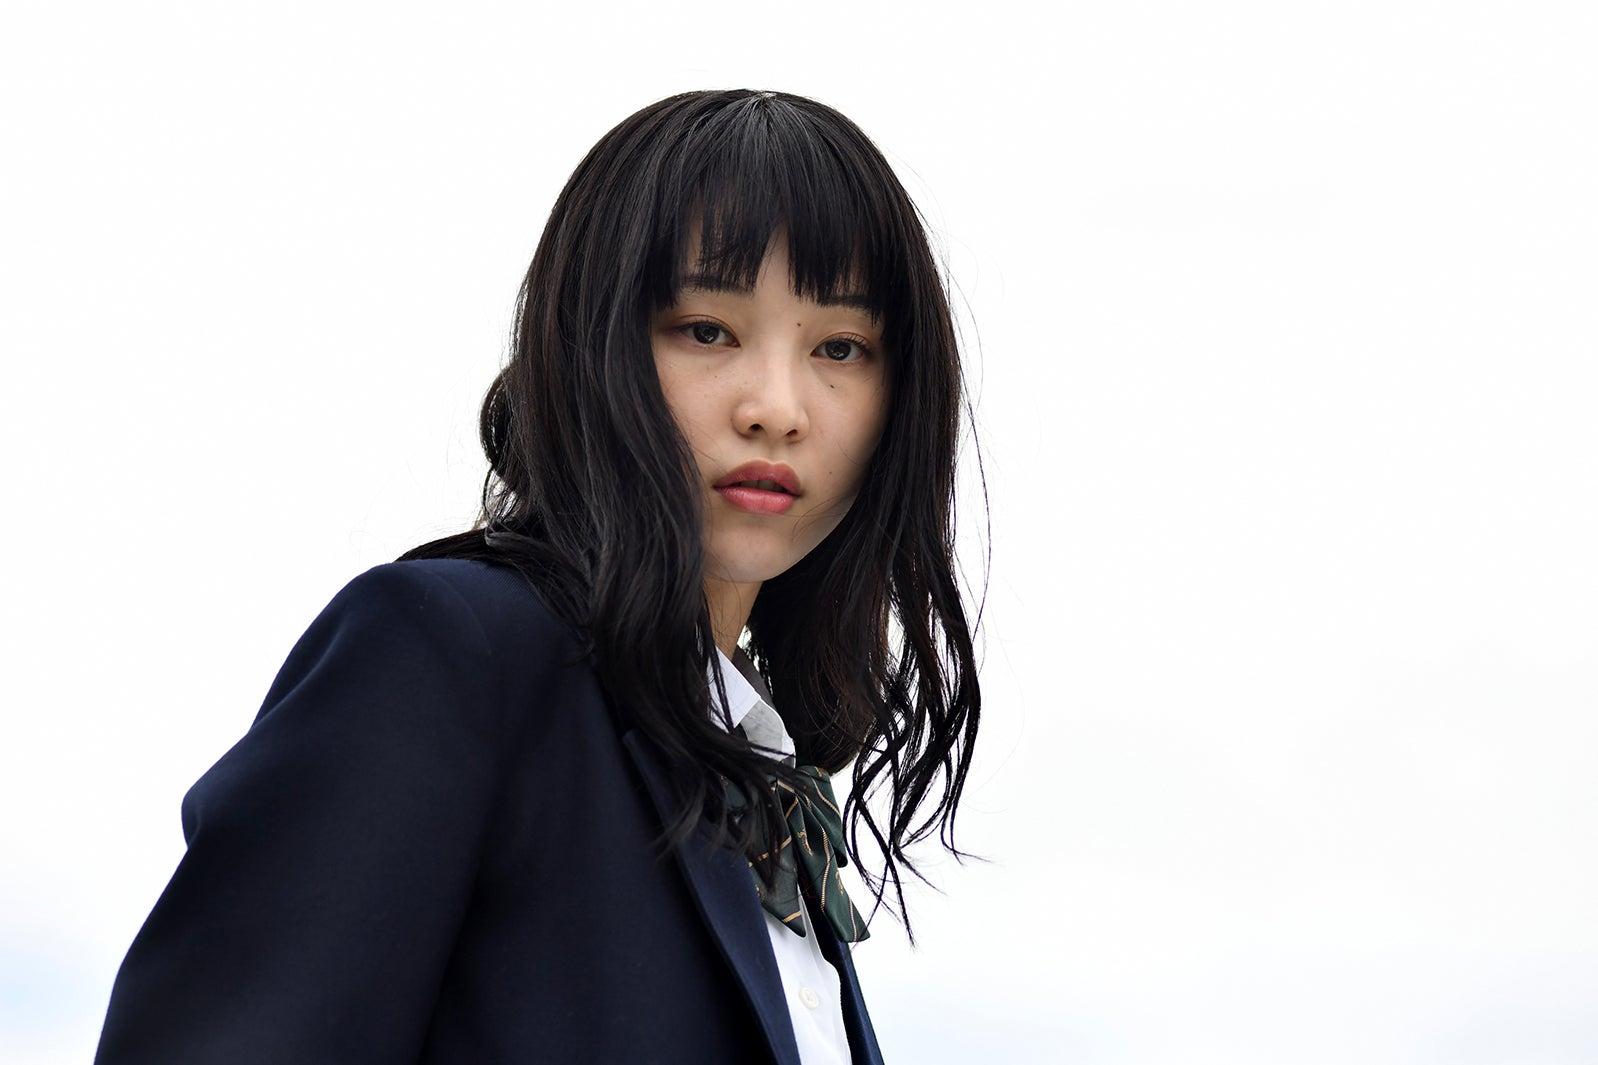 「シグナル」で鍵を握る女子高生役の山田愛奈、監督・北村一輝から現場で絶賛された若手注目株の素顔とは<モデルプレスインタビュー> , モデルプレス